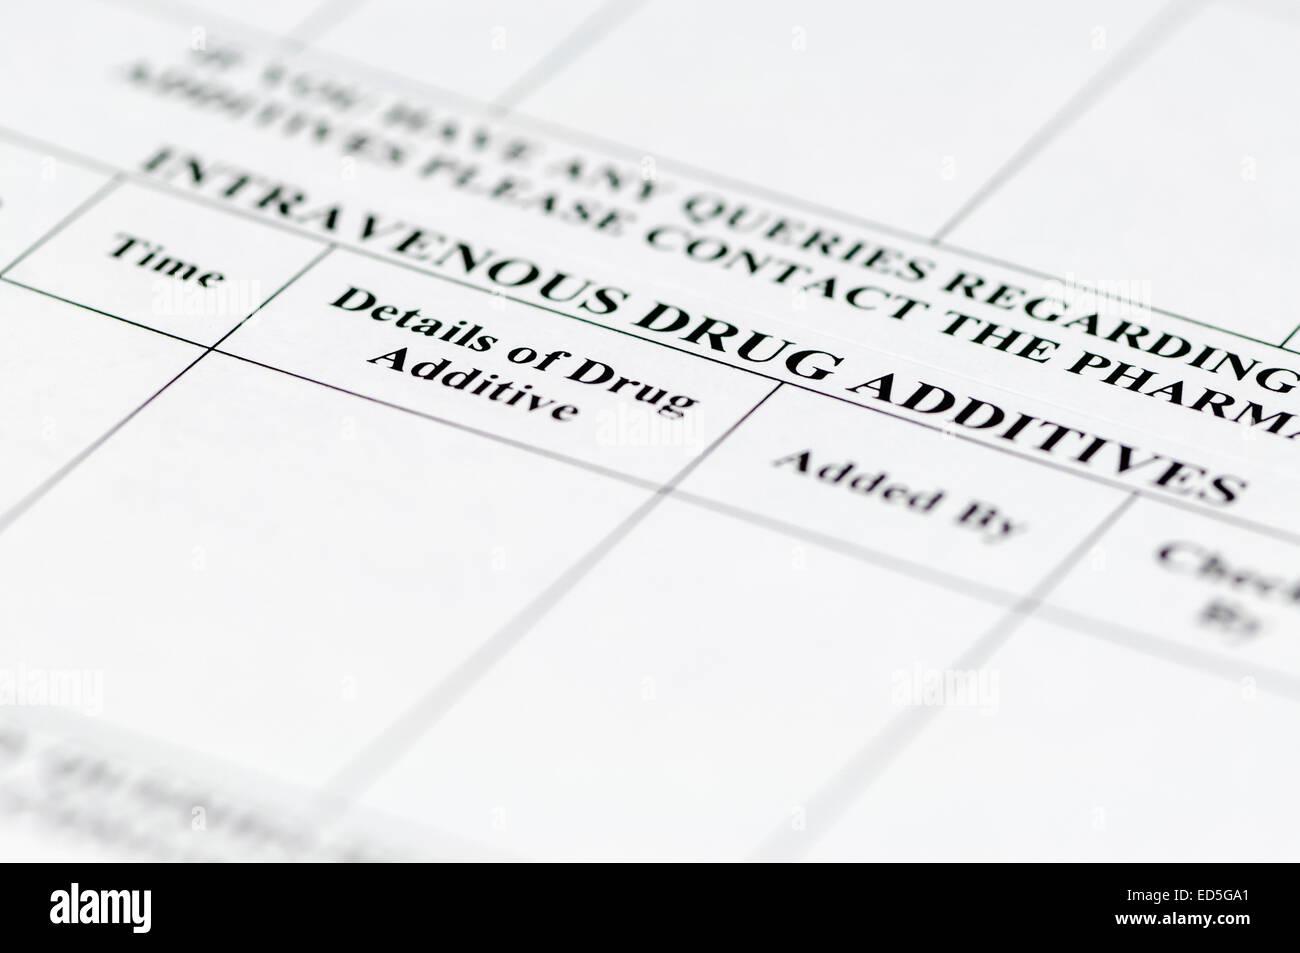 Les étiquettes utilisées pour enregistrer les additifs à l'infusion intraveineuse standard. Photo Stock